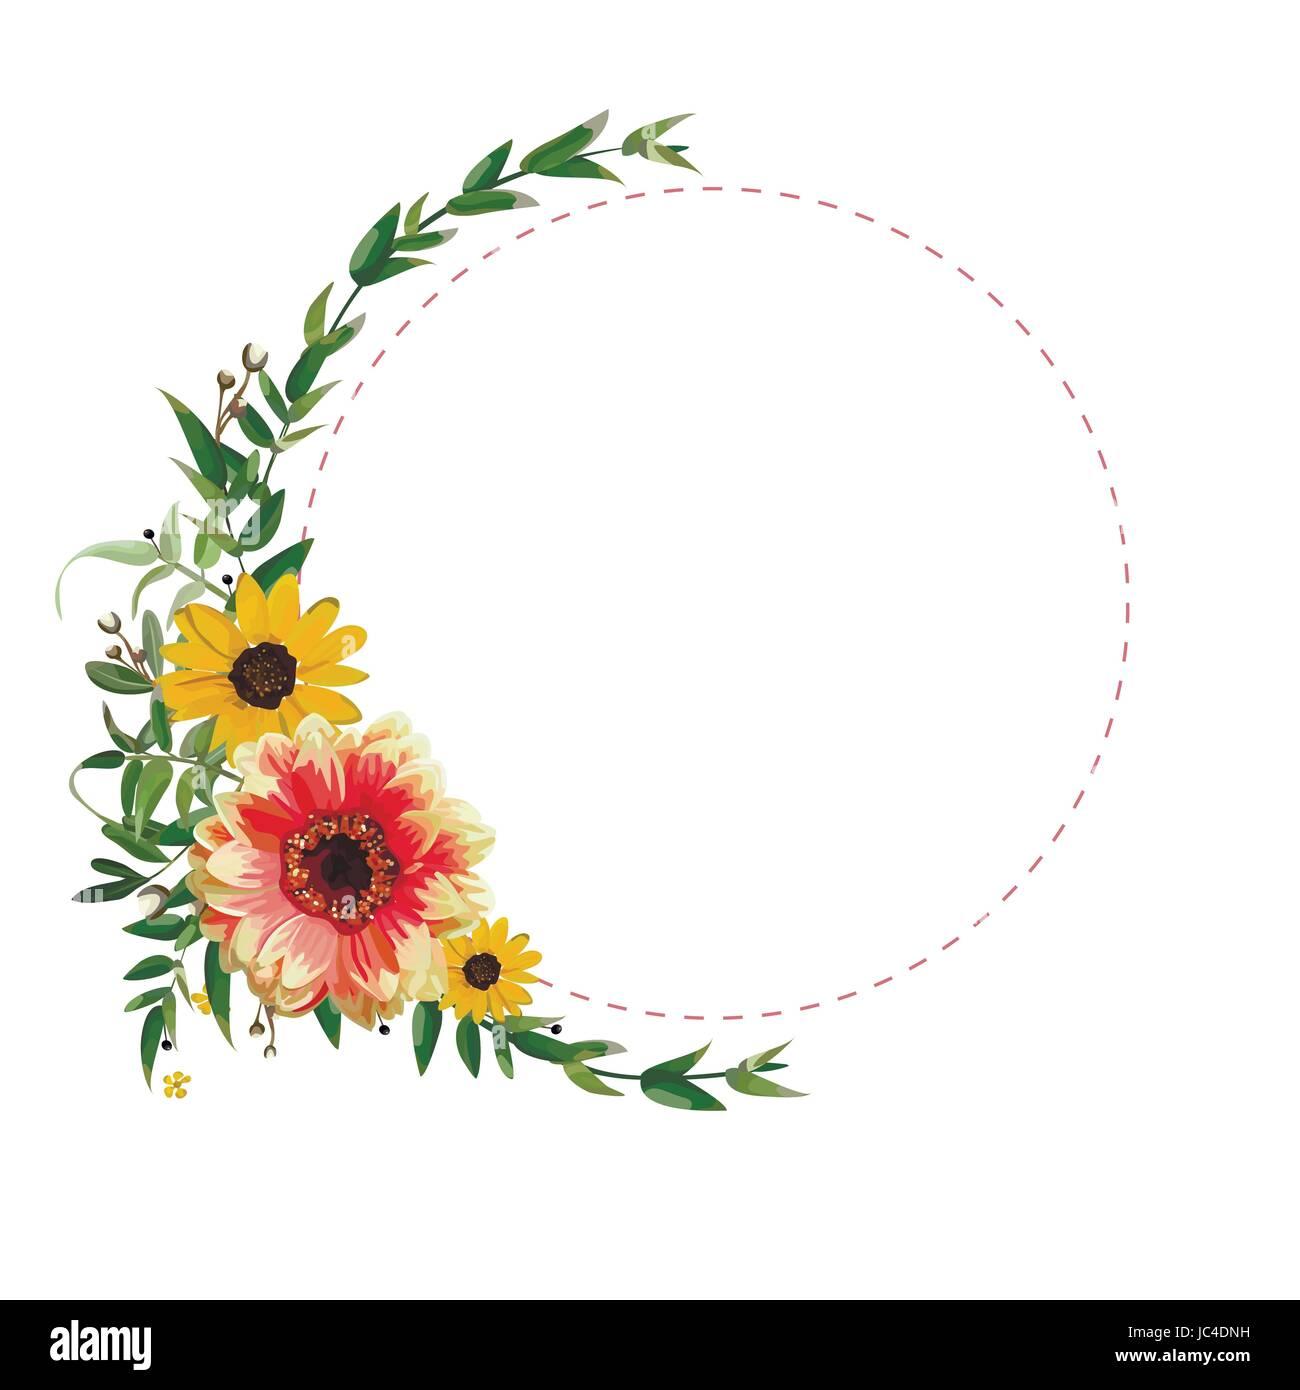 Blume kreis um kranz blumen gelb orange dahlia sonnenblume eukalyptus blätter schön schöne herbst stockbild